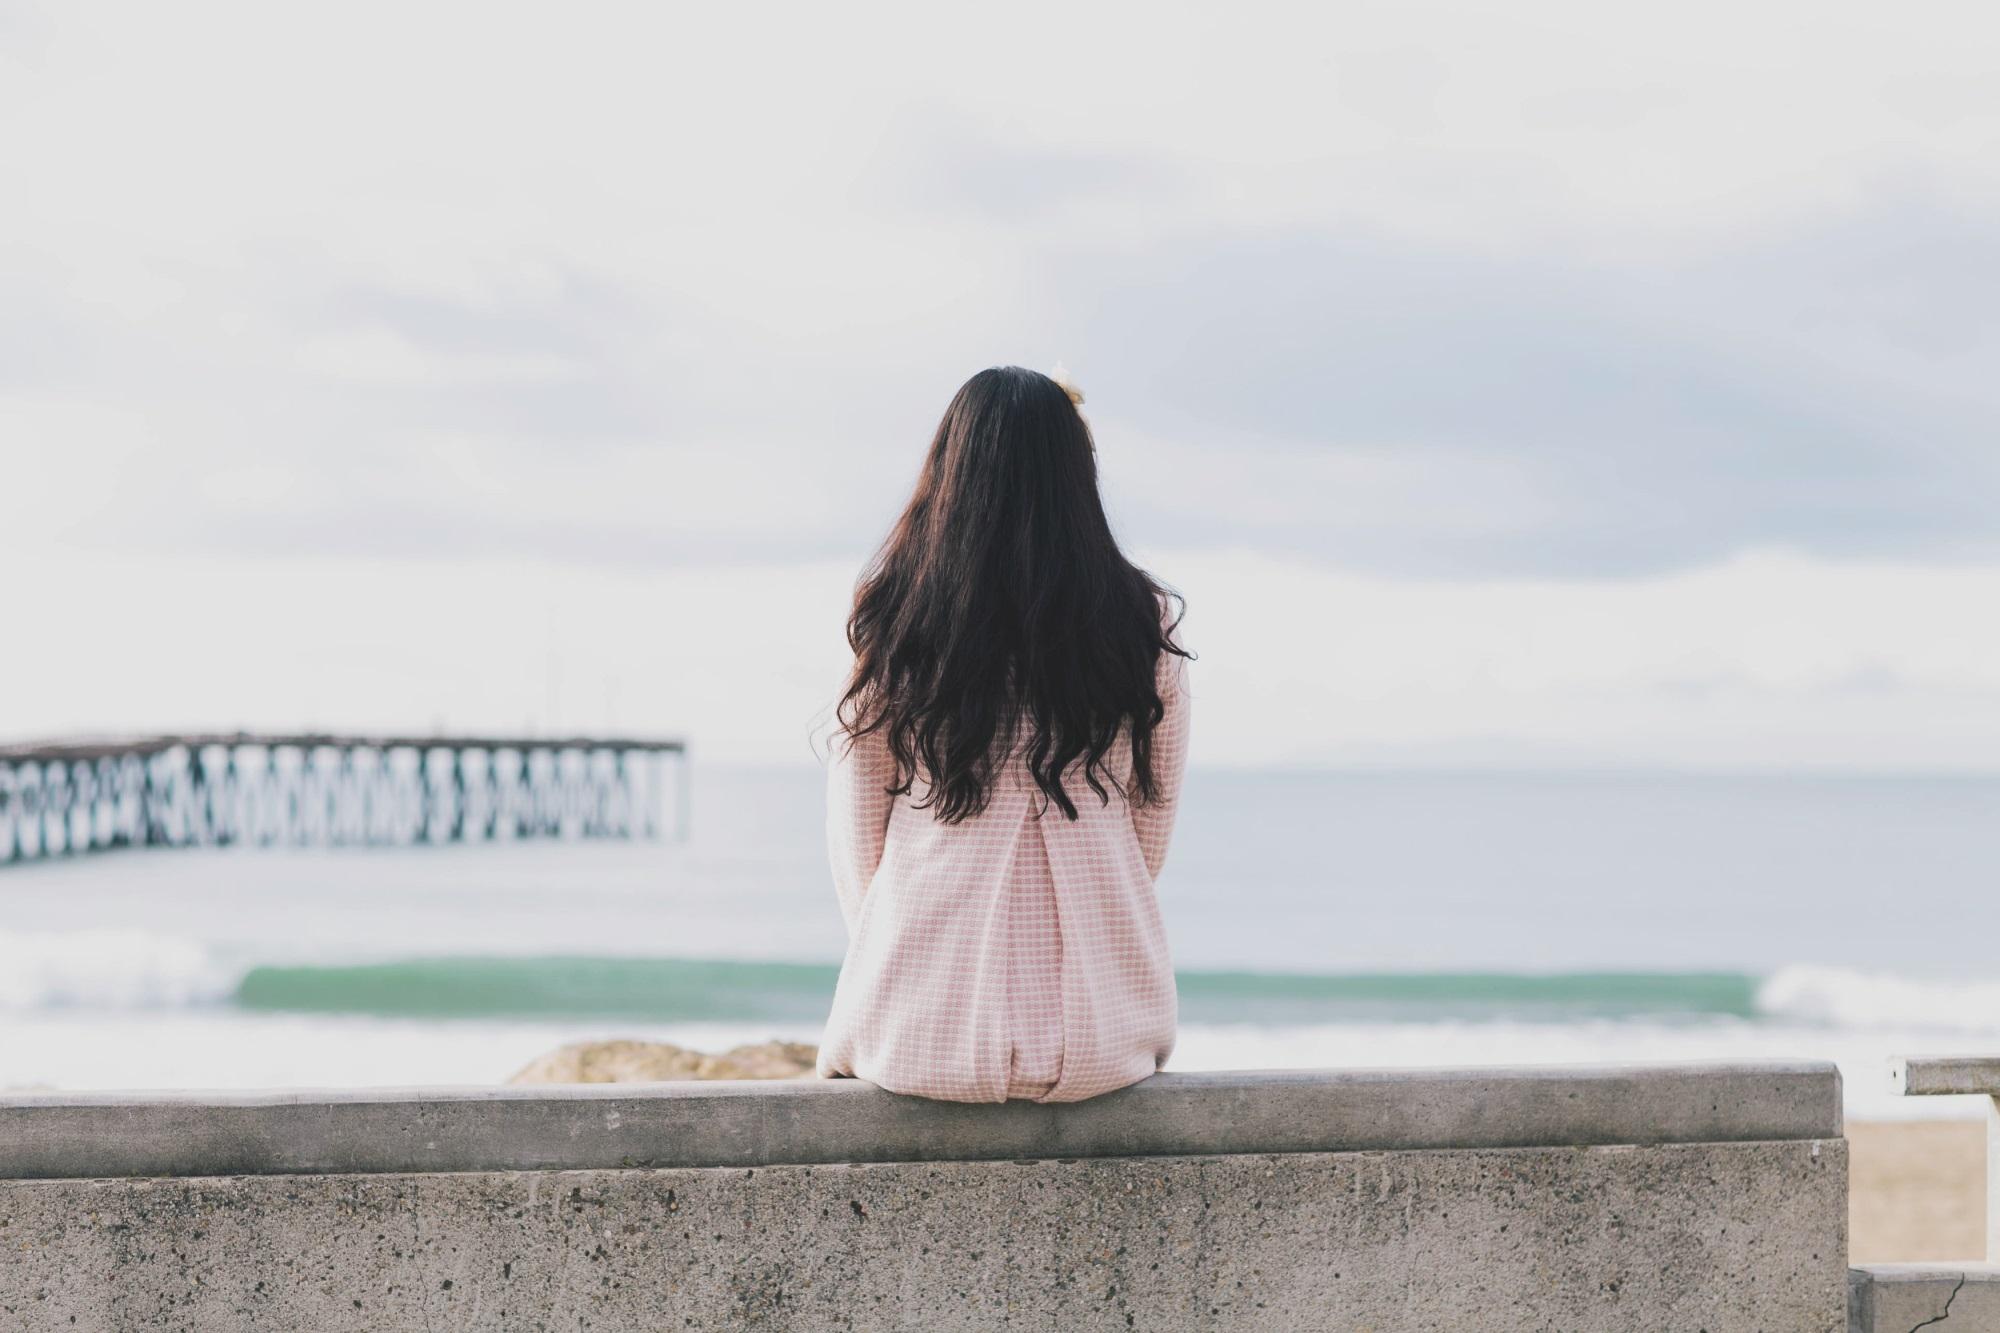 Phụ nữ chịu tổn thương đến cùng cực: Hãy im lặng gói ghém những thứ thuộc về mình rồi rời đi đúng lúc! - Ảnh 3